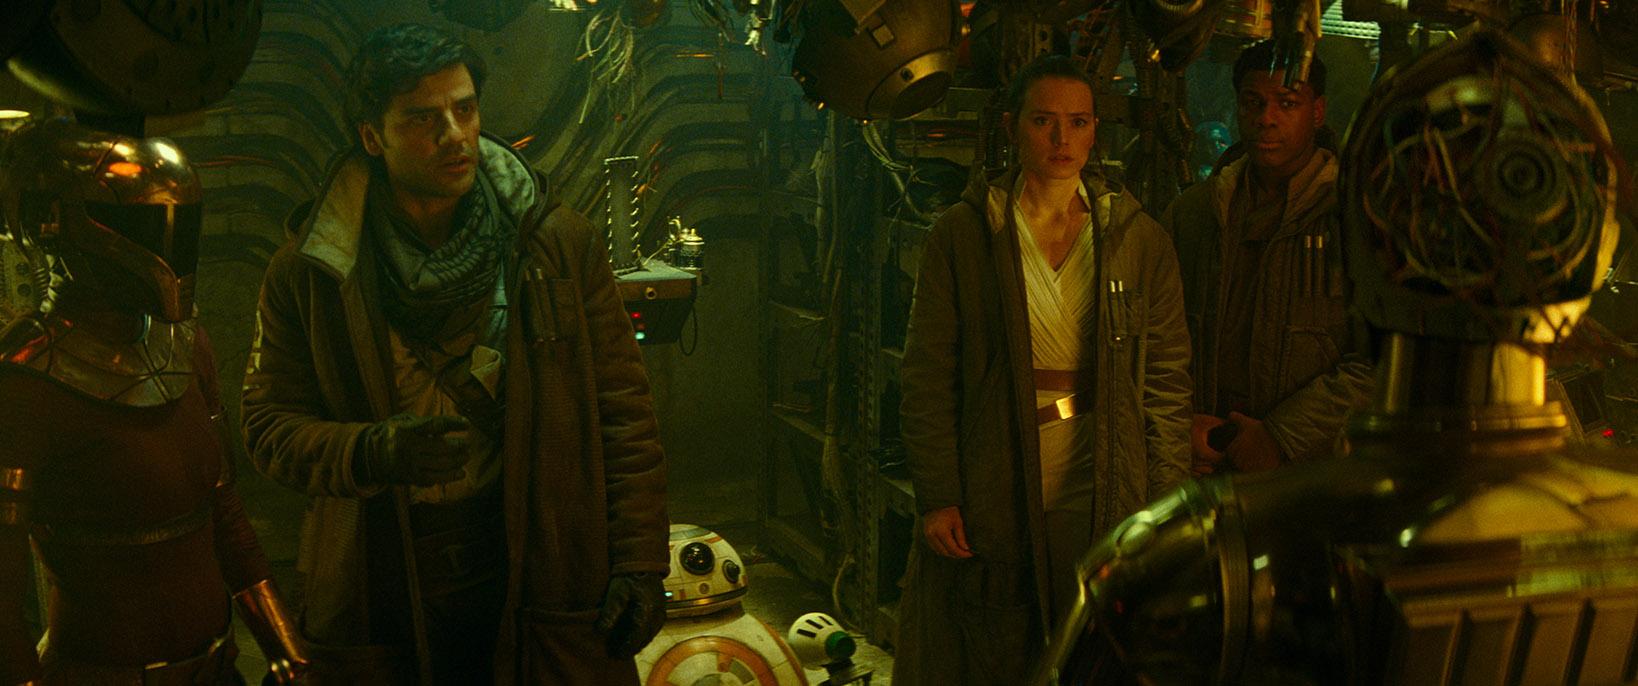 El ascenso de Skywalker, un aprobado raspado